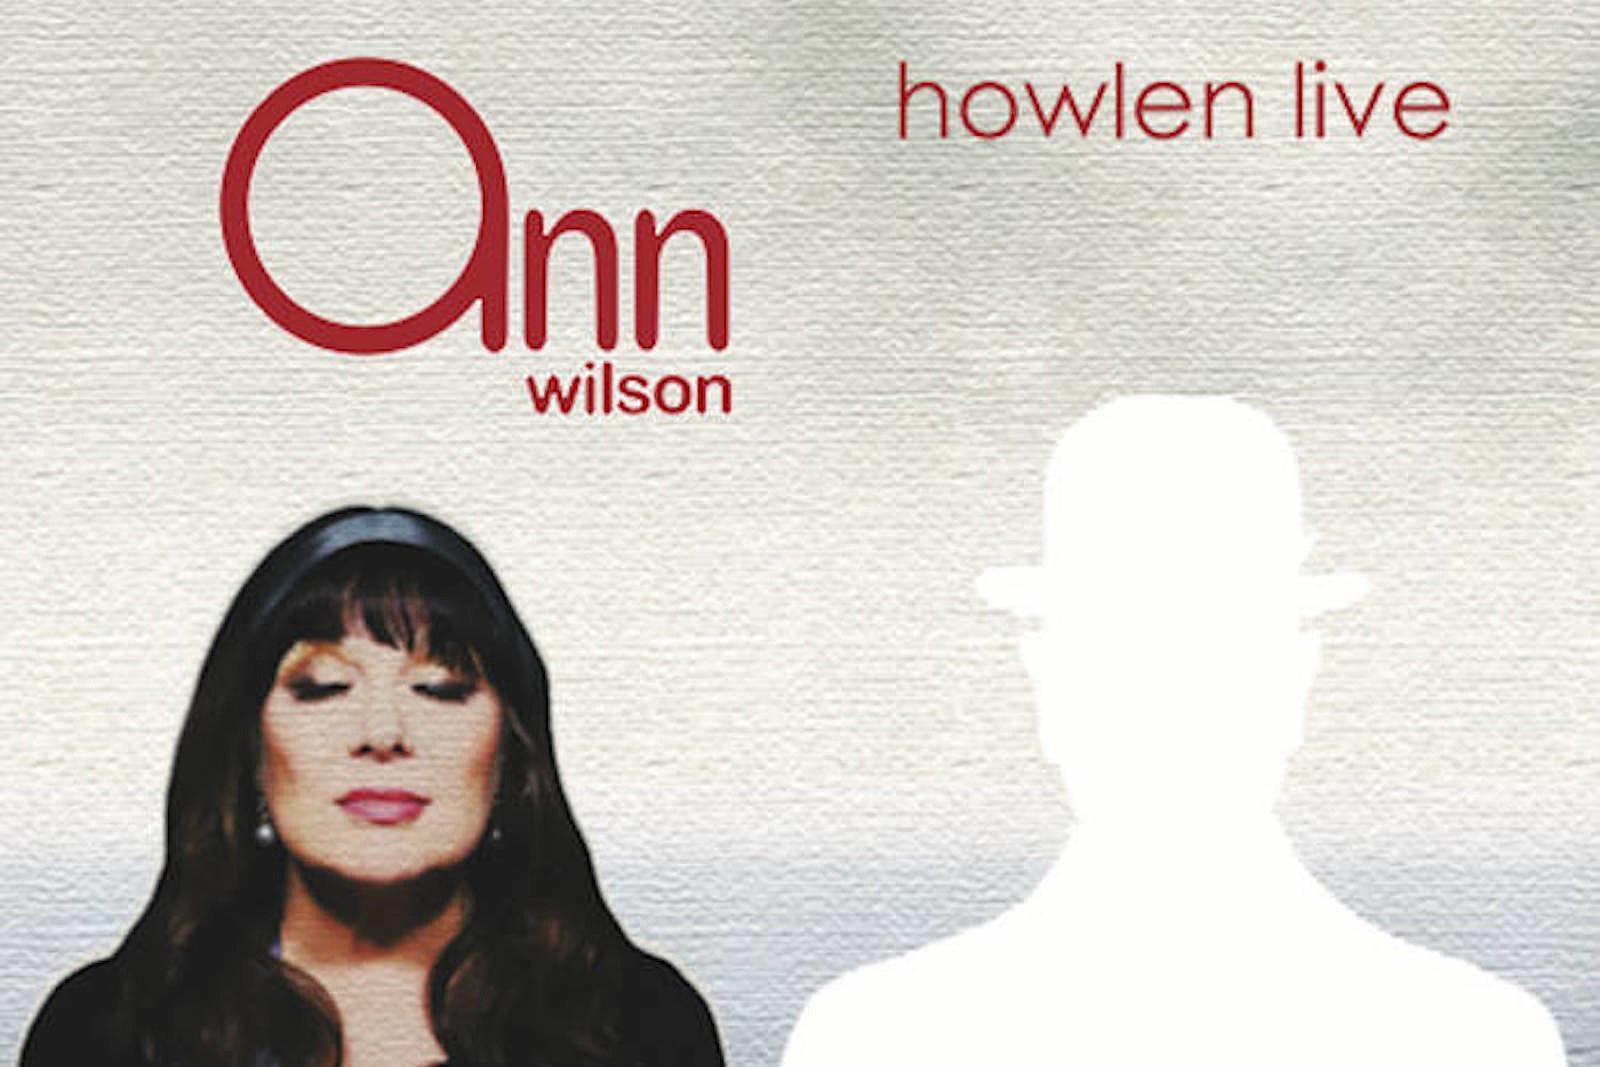 Ann Wilson Releases New EP, 'Howlen Live'